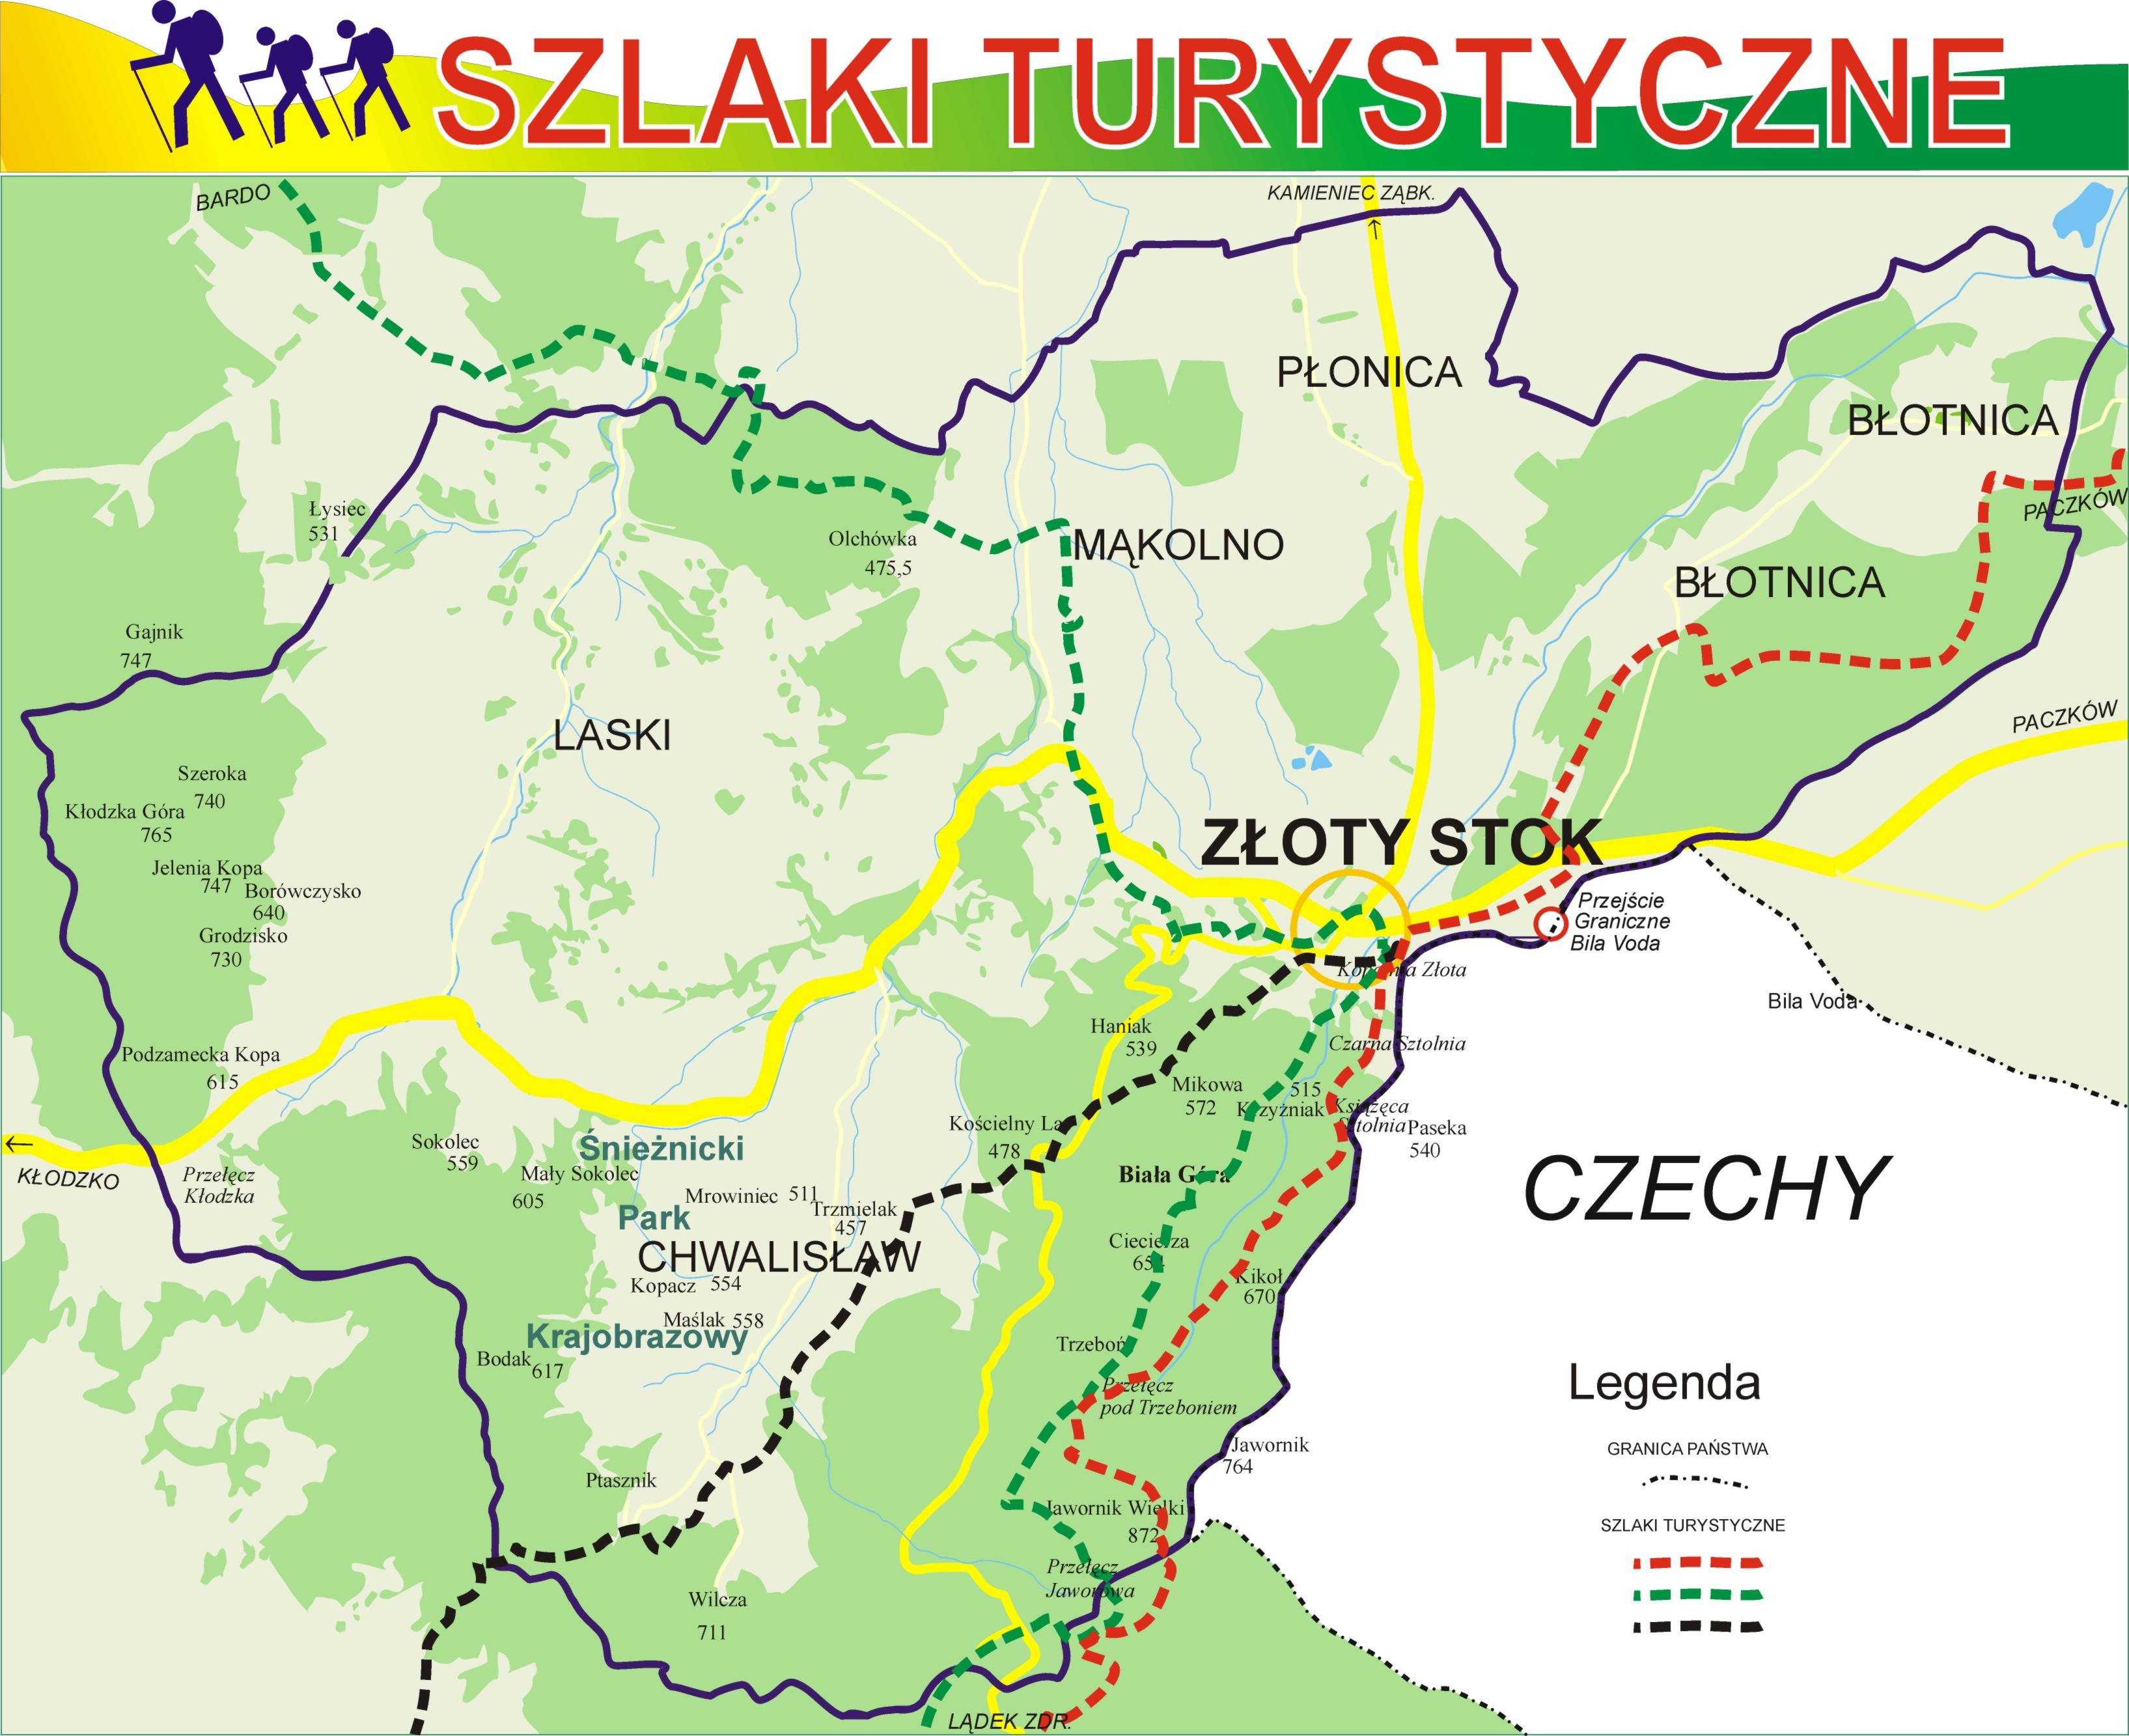 Szlaki Turystycznyne Atrakcje Turystyczne Dla Turysty Strona